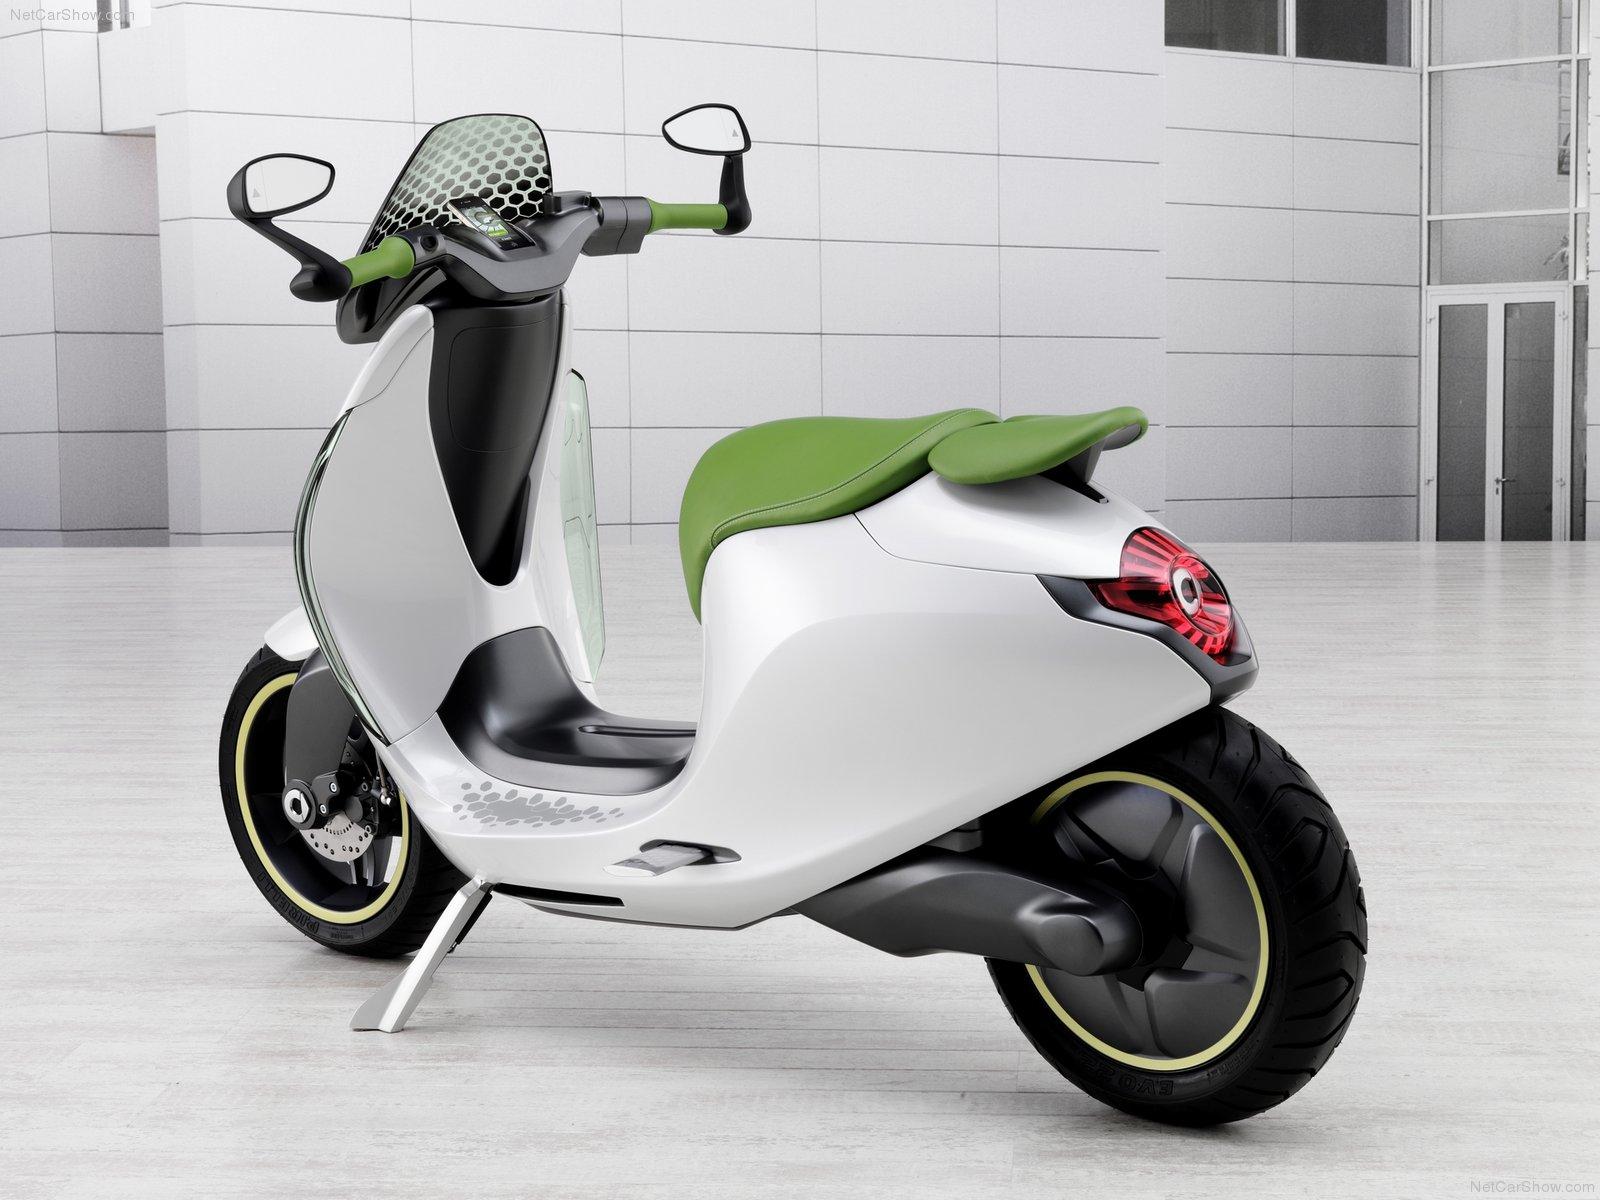 Hình ảnh xe ô tô Smart eScooter Concept 2010 & nội ngoại thất